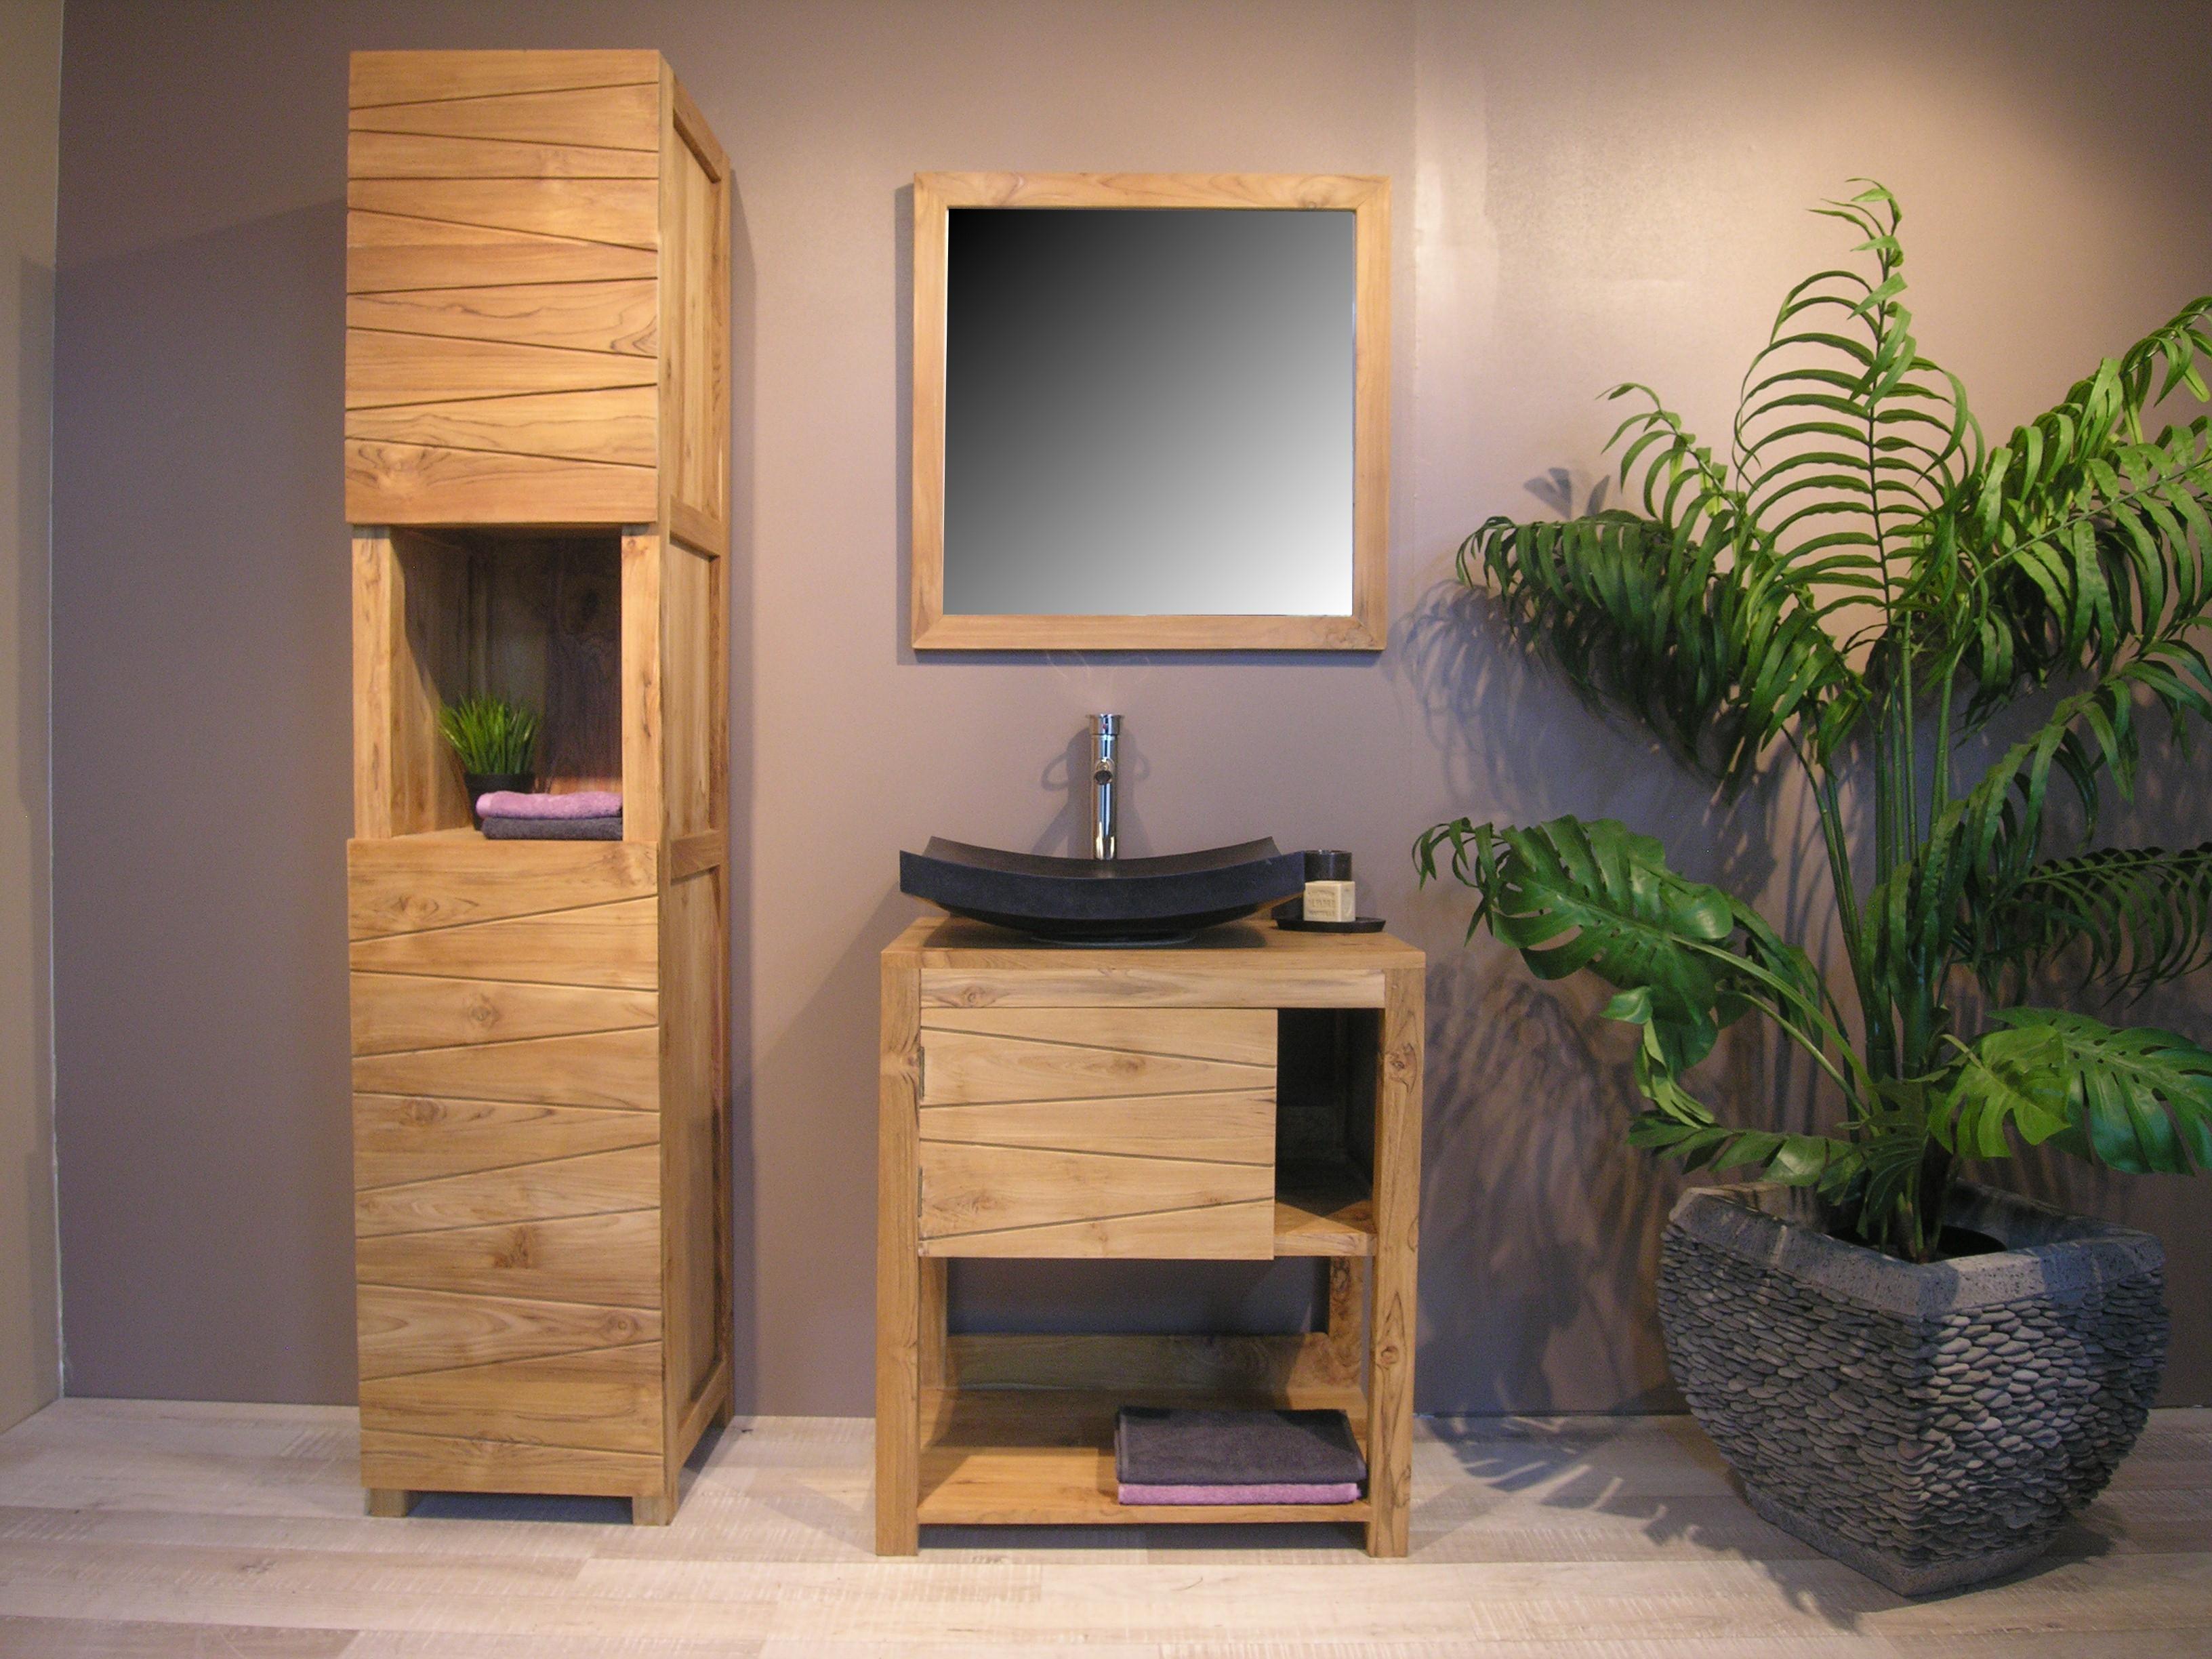 Ikea Salles De Bains Unique Photographie Salle De Bain Plete Ikea Awesome Design Salle De Bain S Media